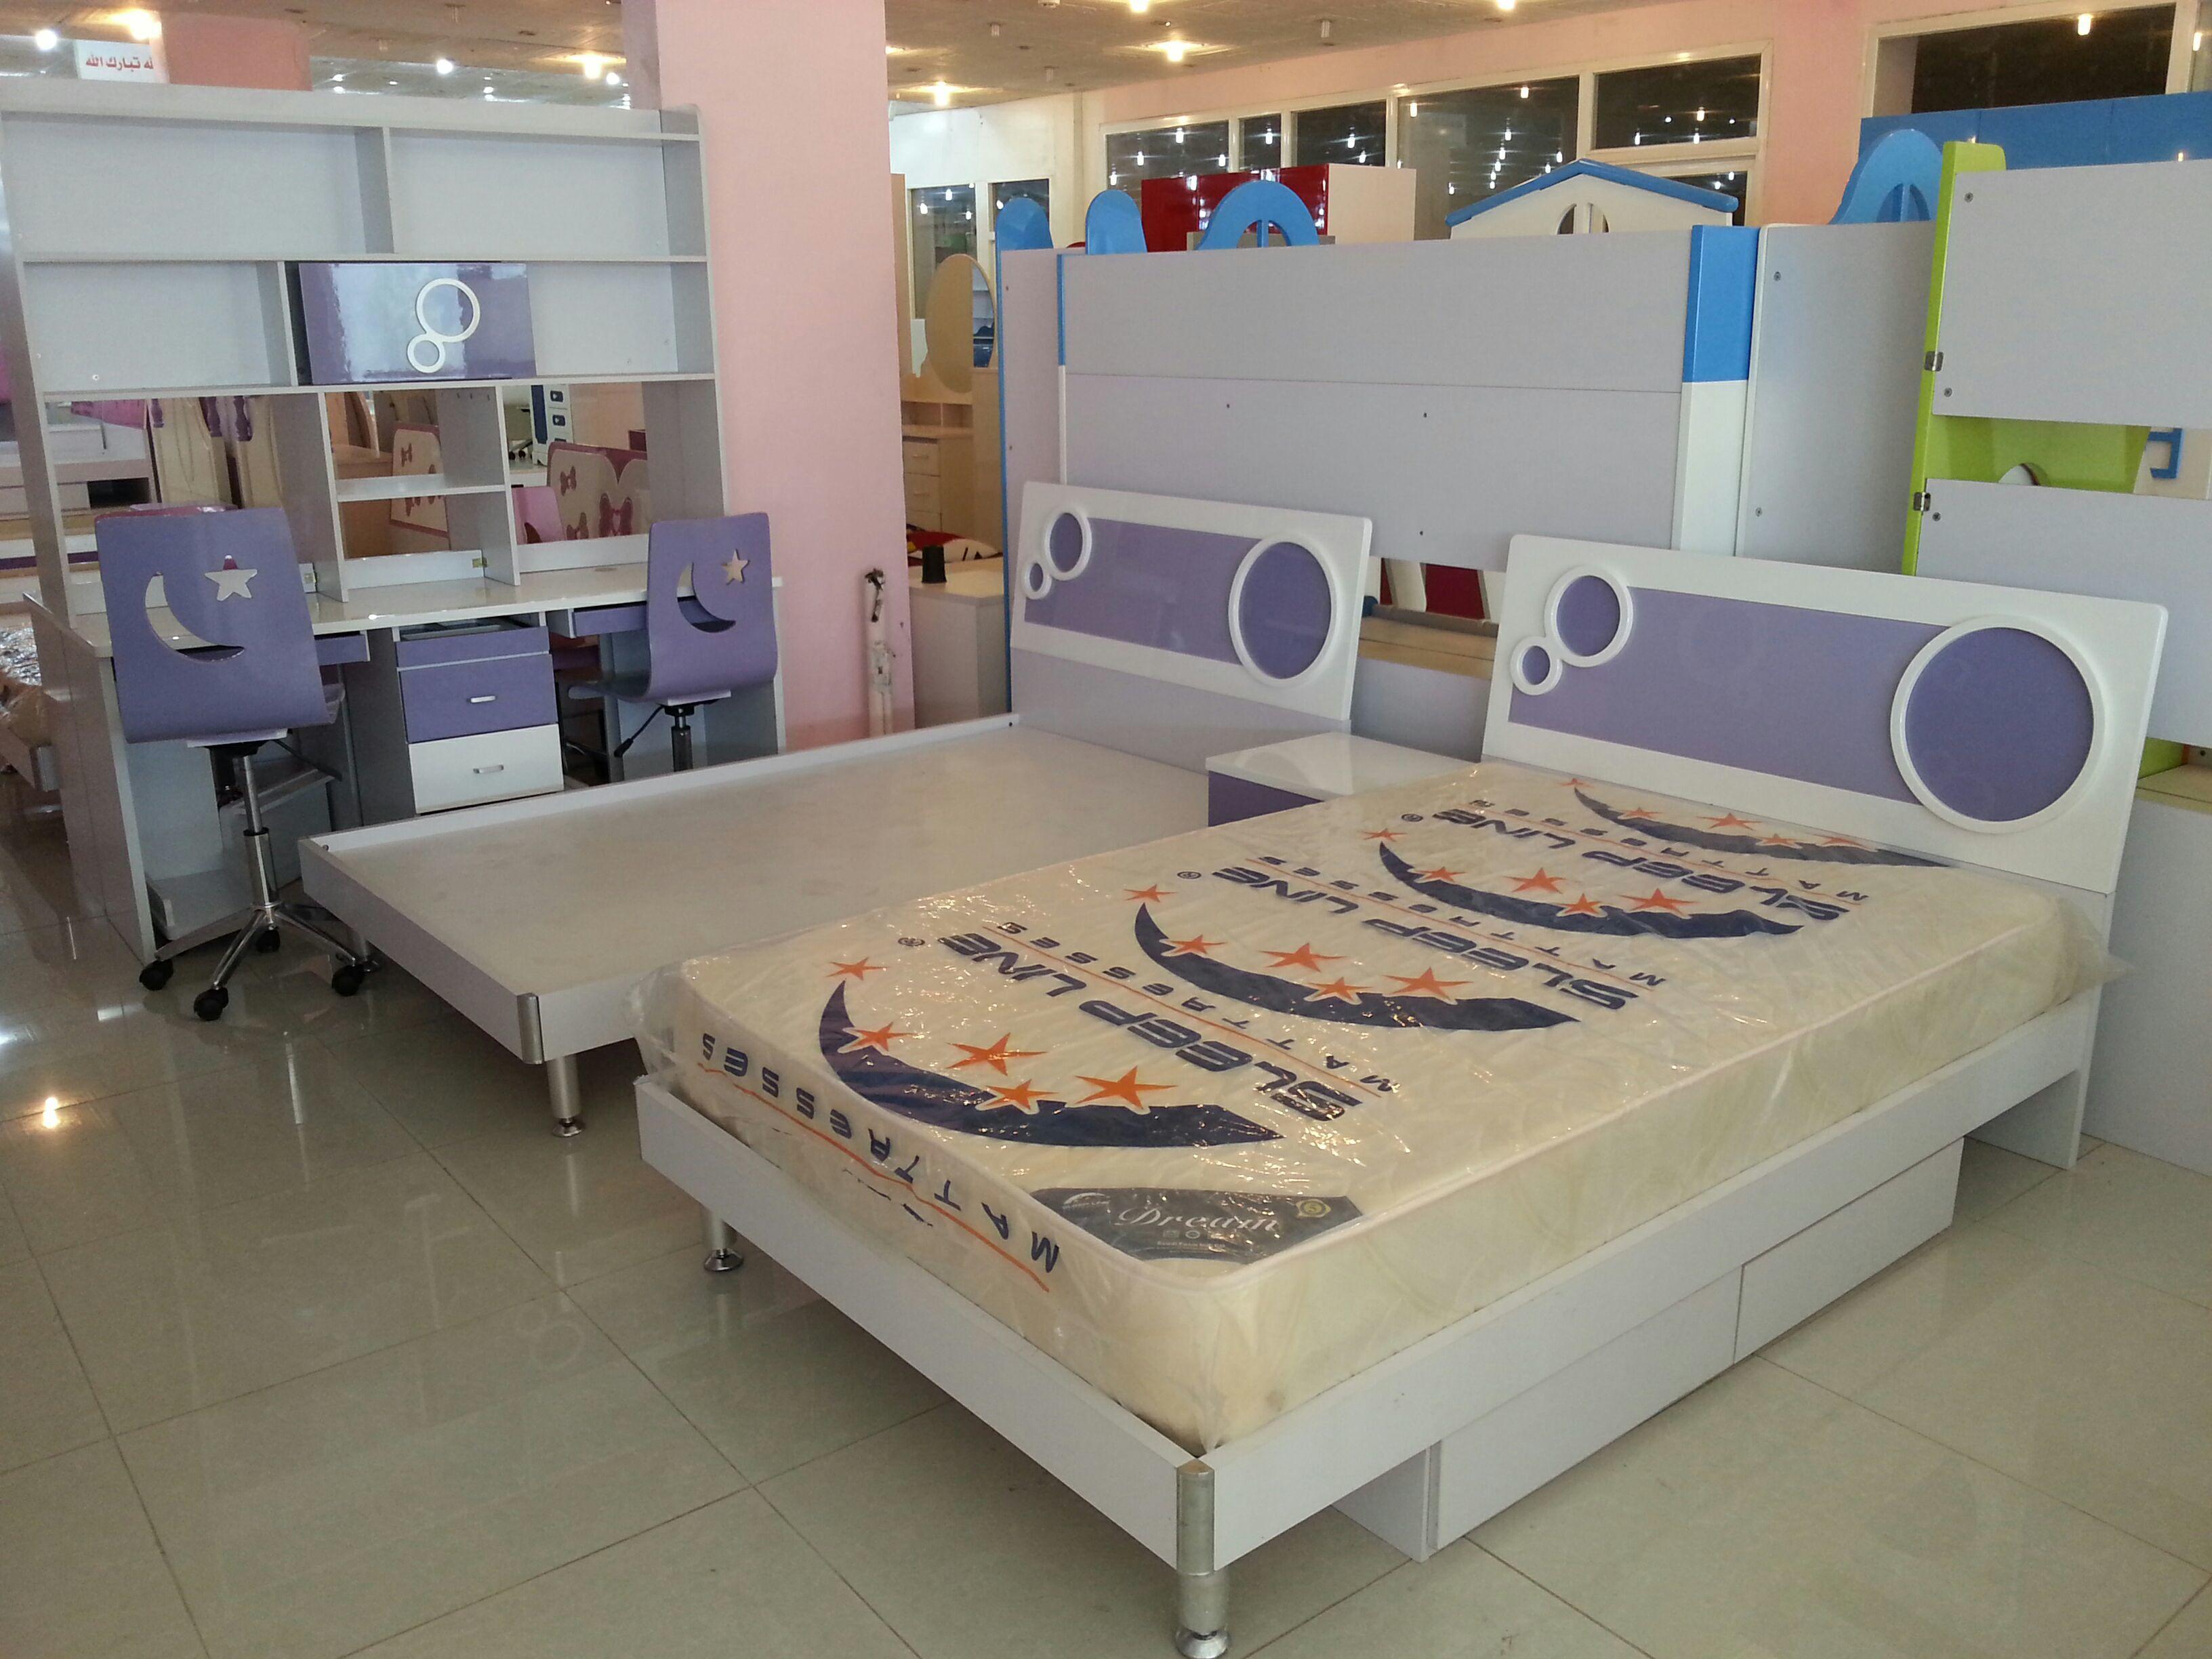 جدة - غرف نوم سريرين أطفال